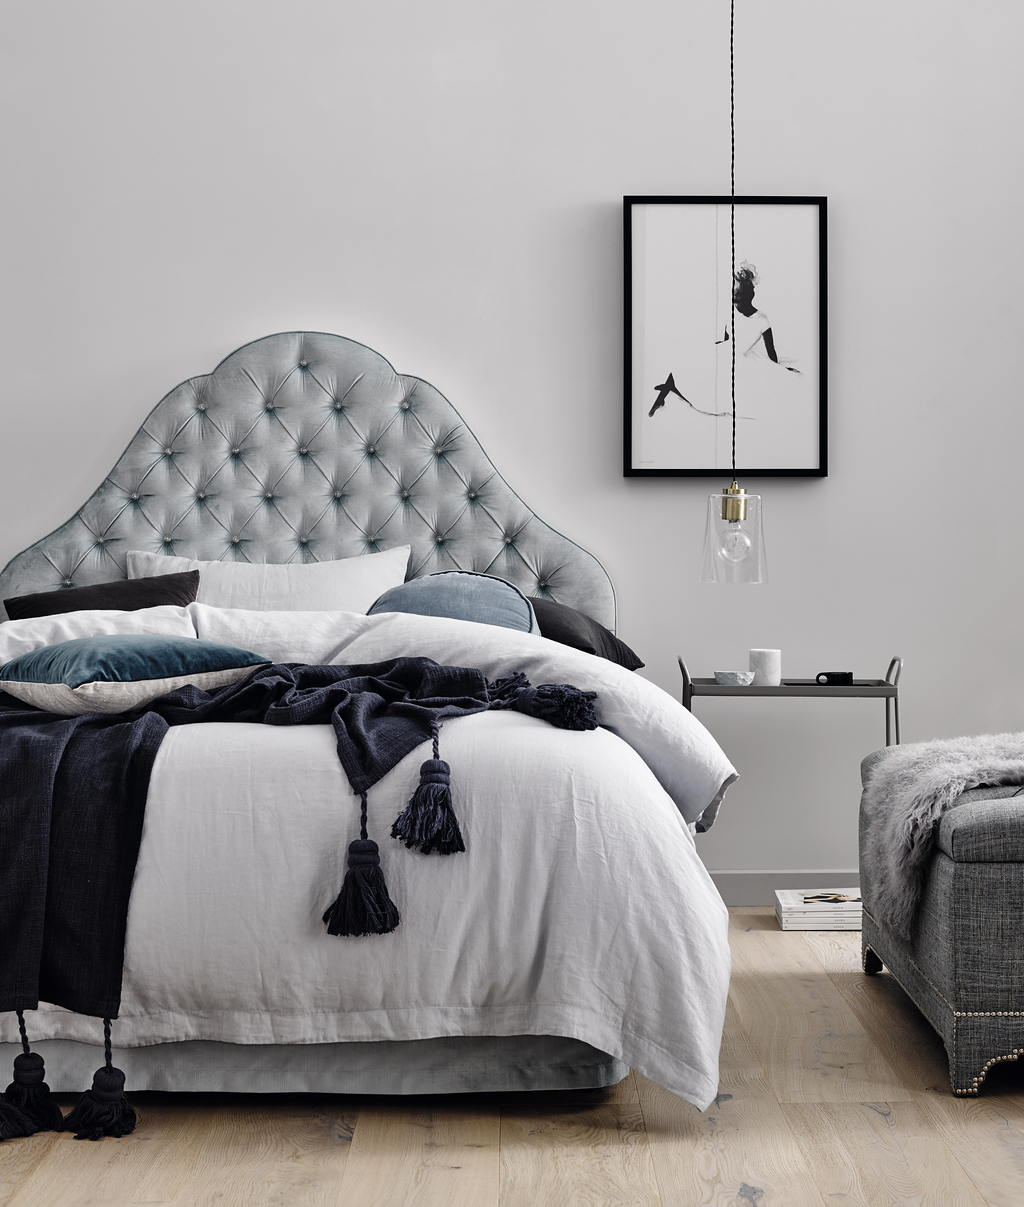 Современные идеи дизайна спальни 2017 г. 8